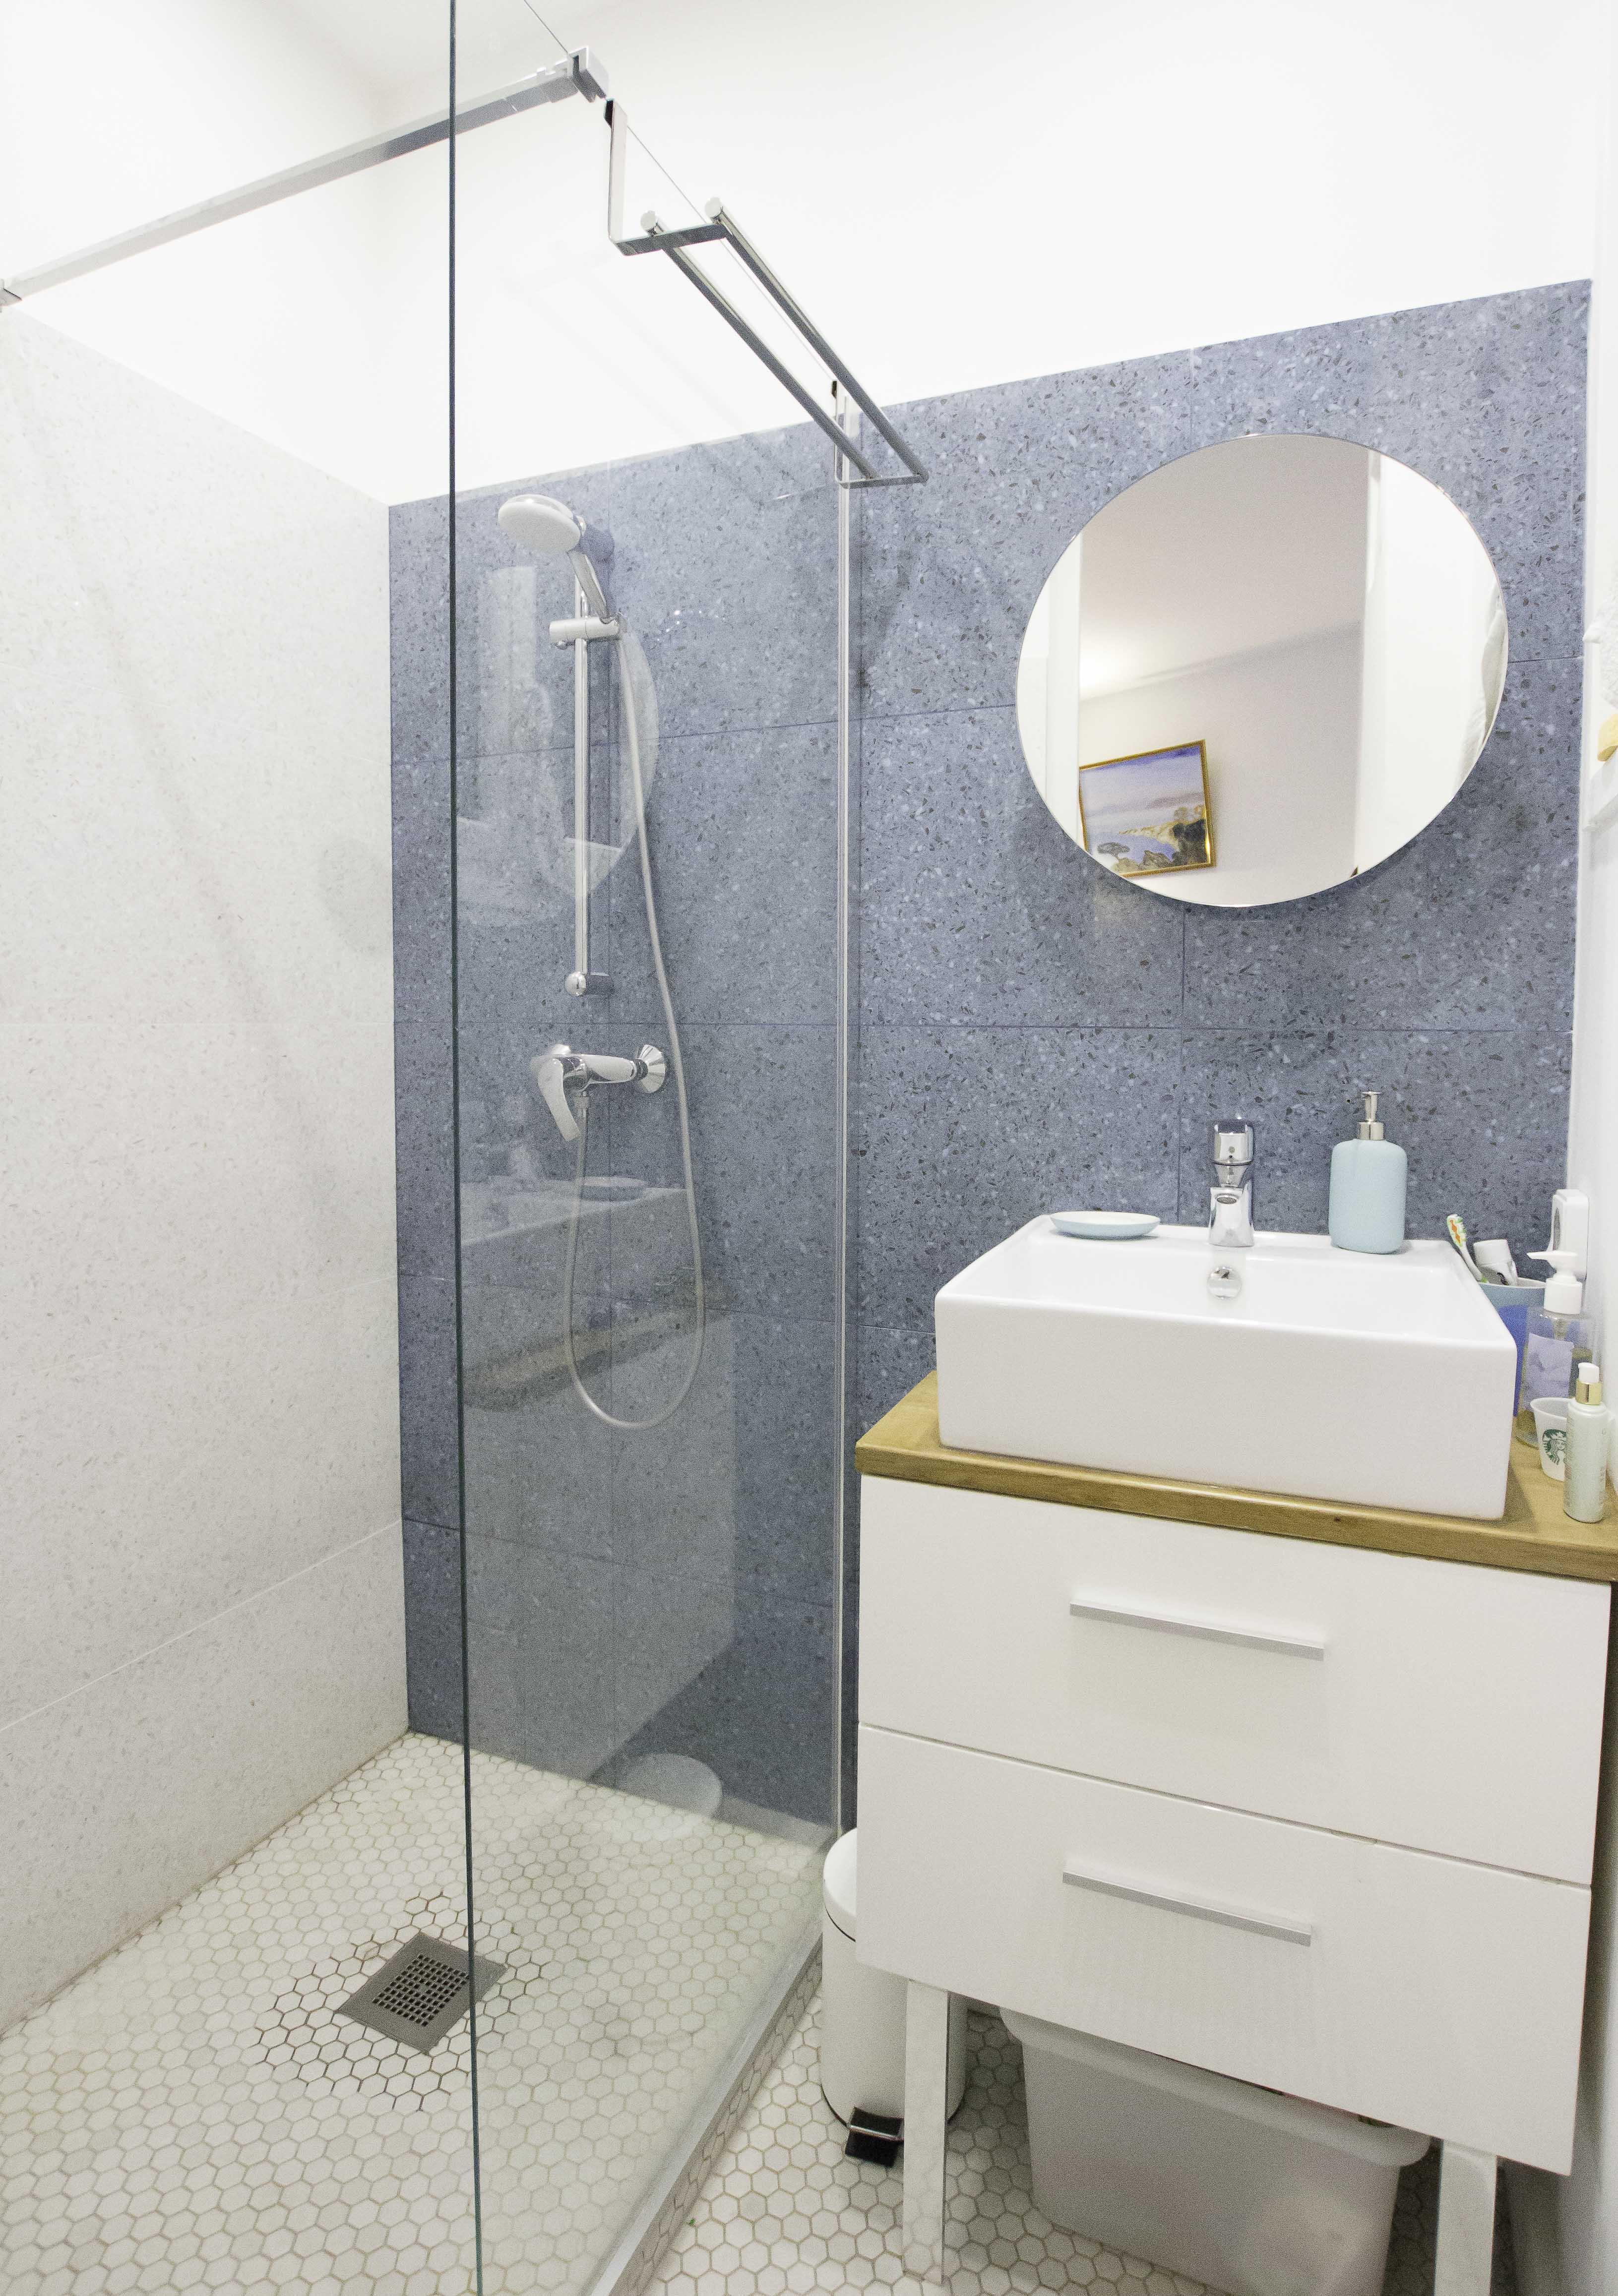 Salle de bain à St Sulpice